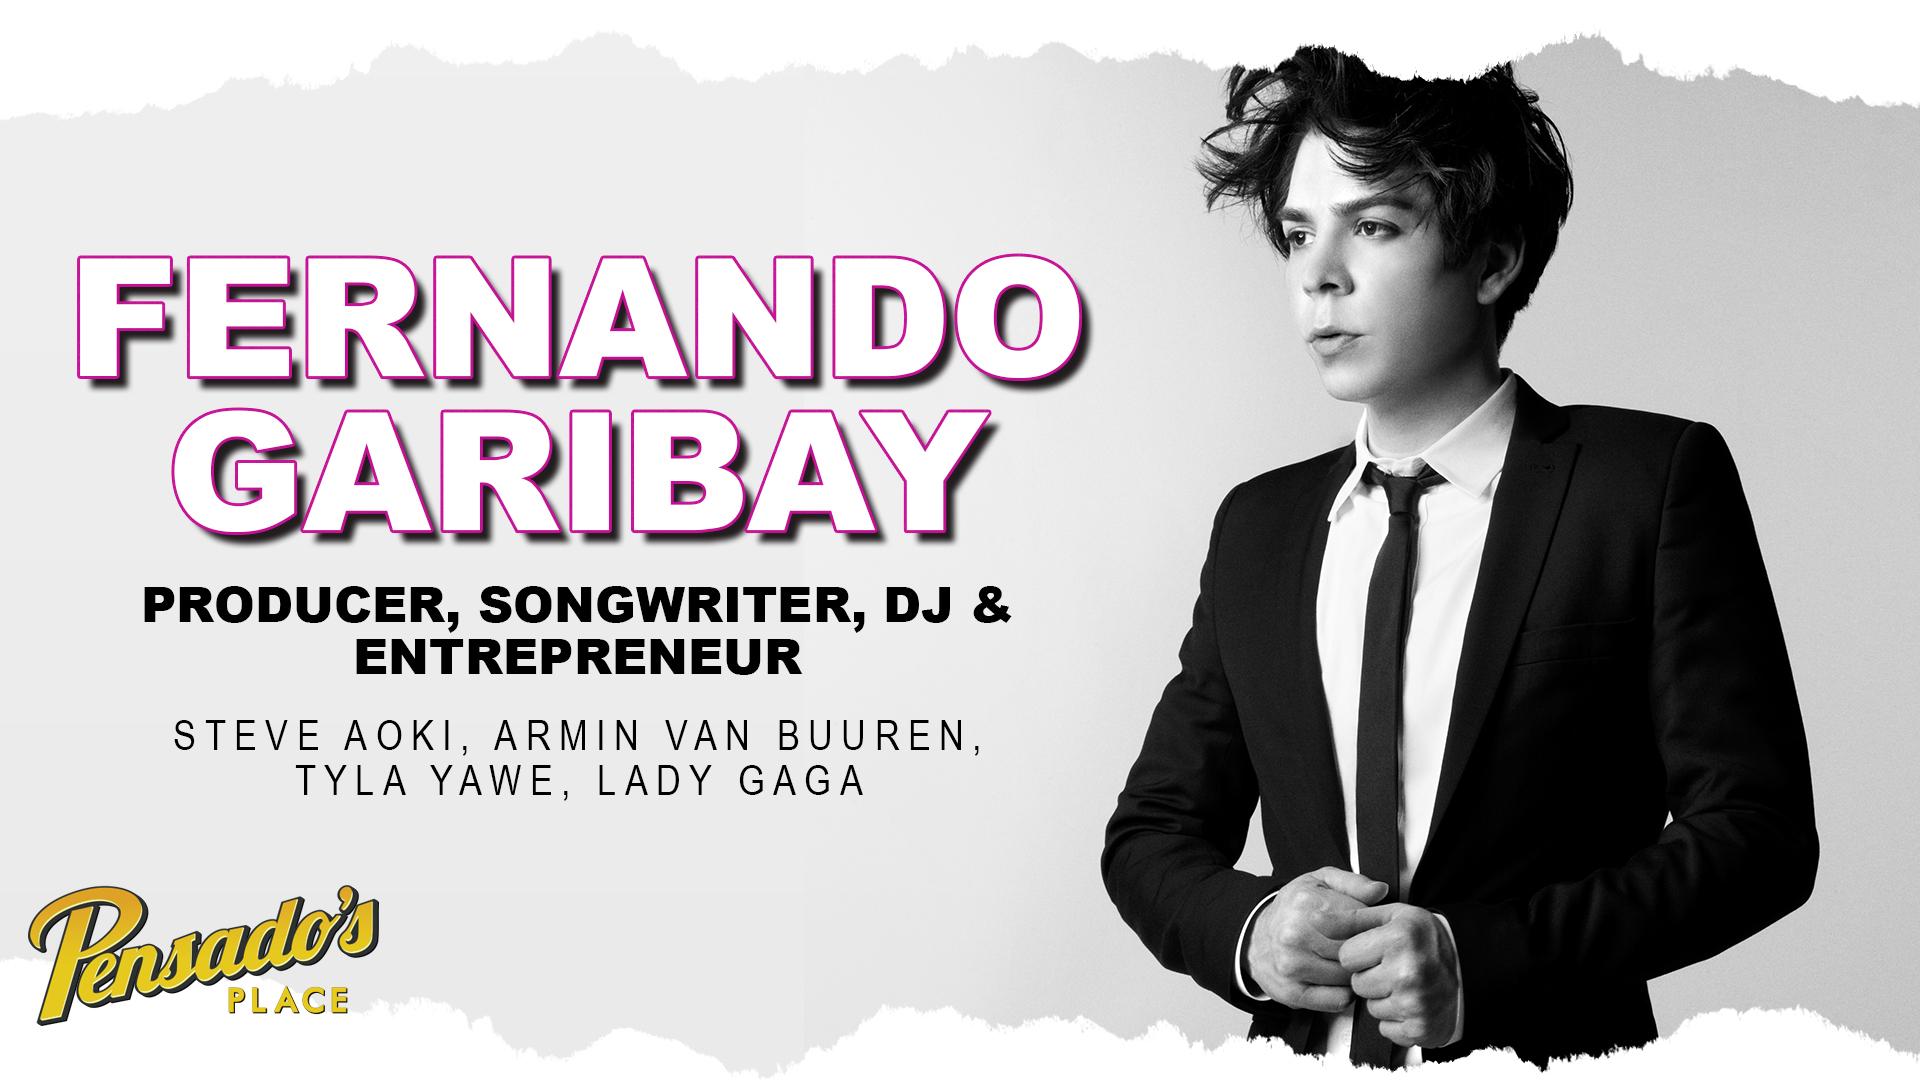 Producer / Songwriter / Entrepreneur, Fernando Garibay